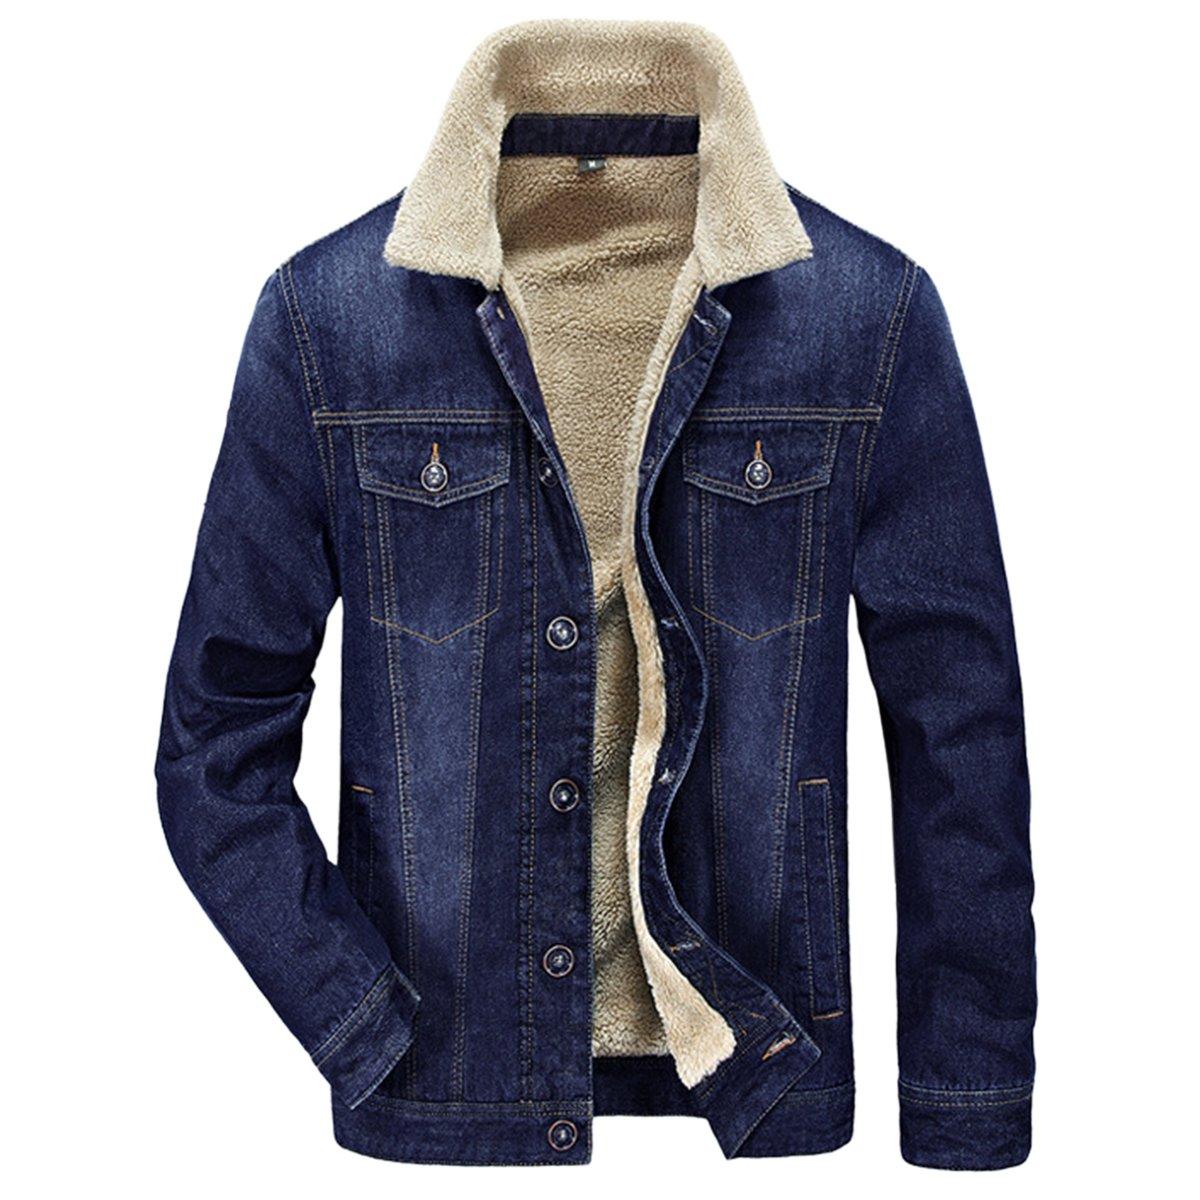 Pishon Men's Denim Jean Jacket Button Front Slim Fit Sherpa Lined Trucker Jacket